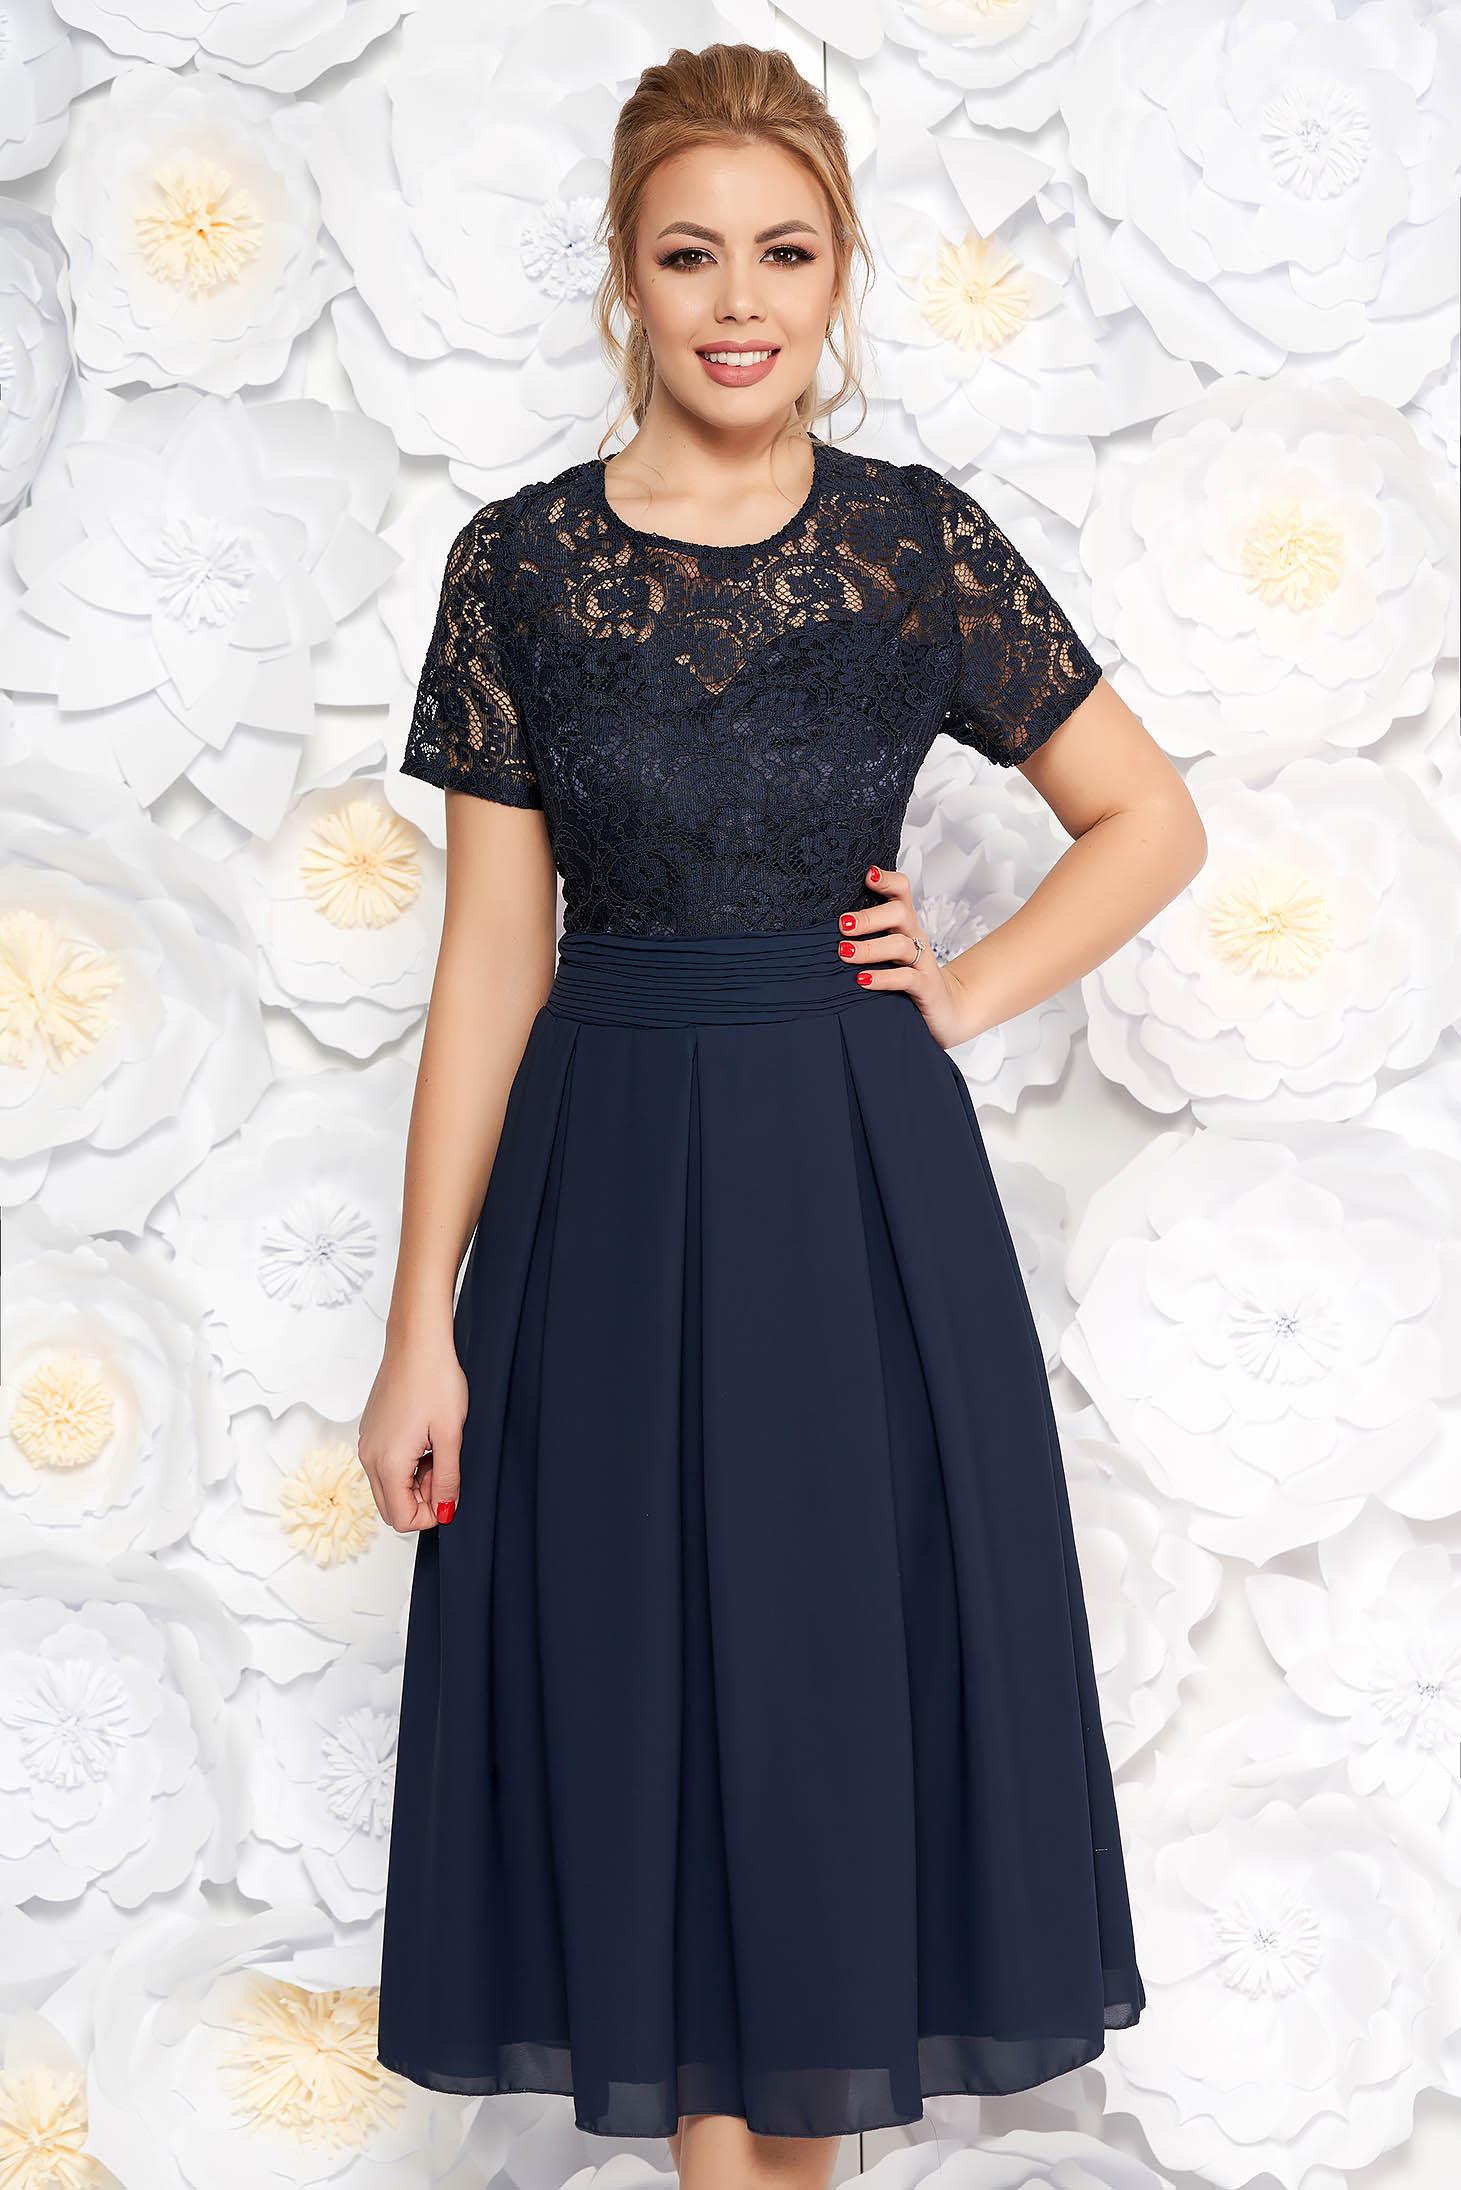 Rochie albastra-inchis de ocazie midi in clos din stofa usor elastica si dantela captusita pe interior cu spatele decupat